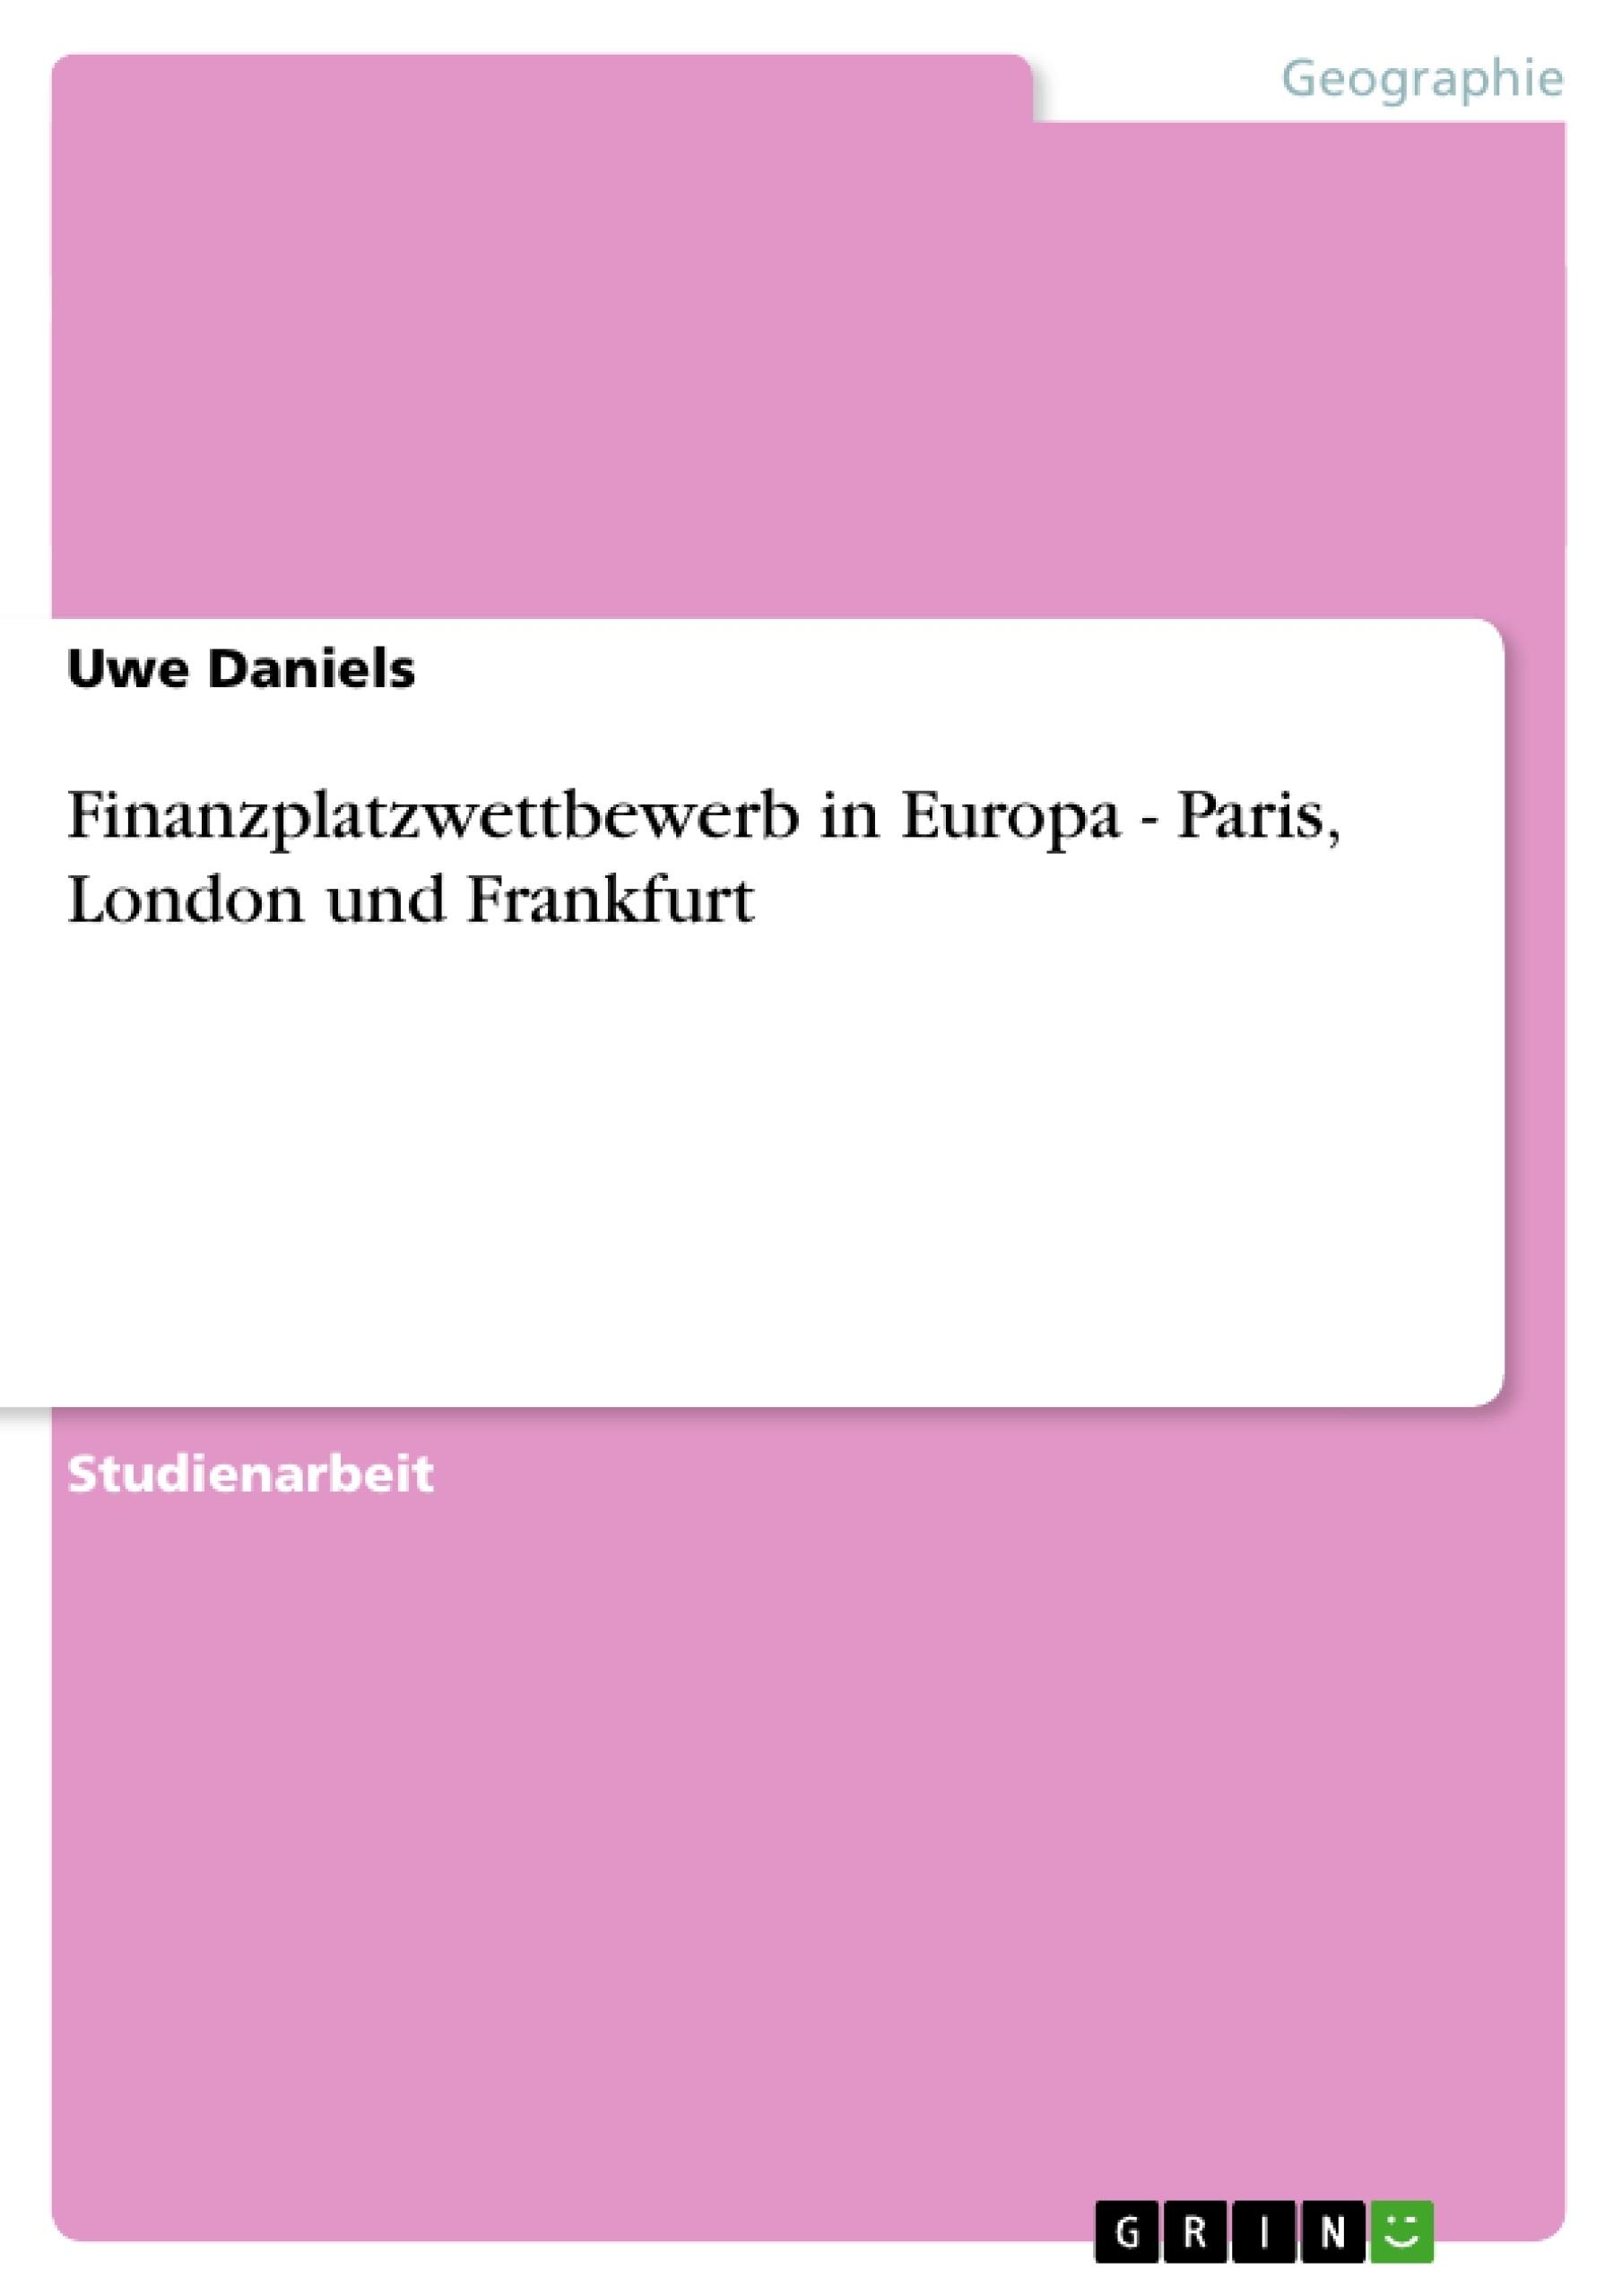 Titel: Finanzplatzwettbewerb in Europa - Paris, London und Frankfurt